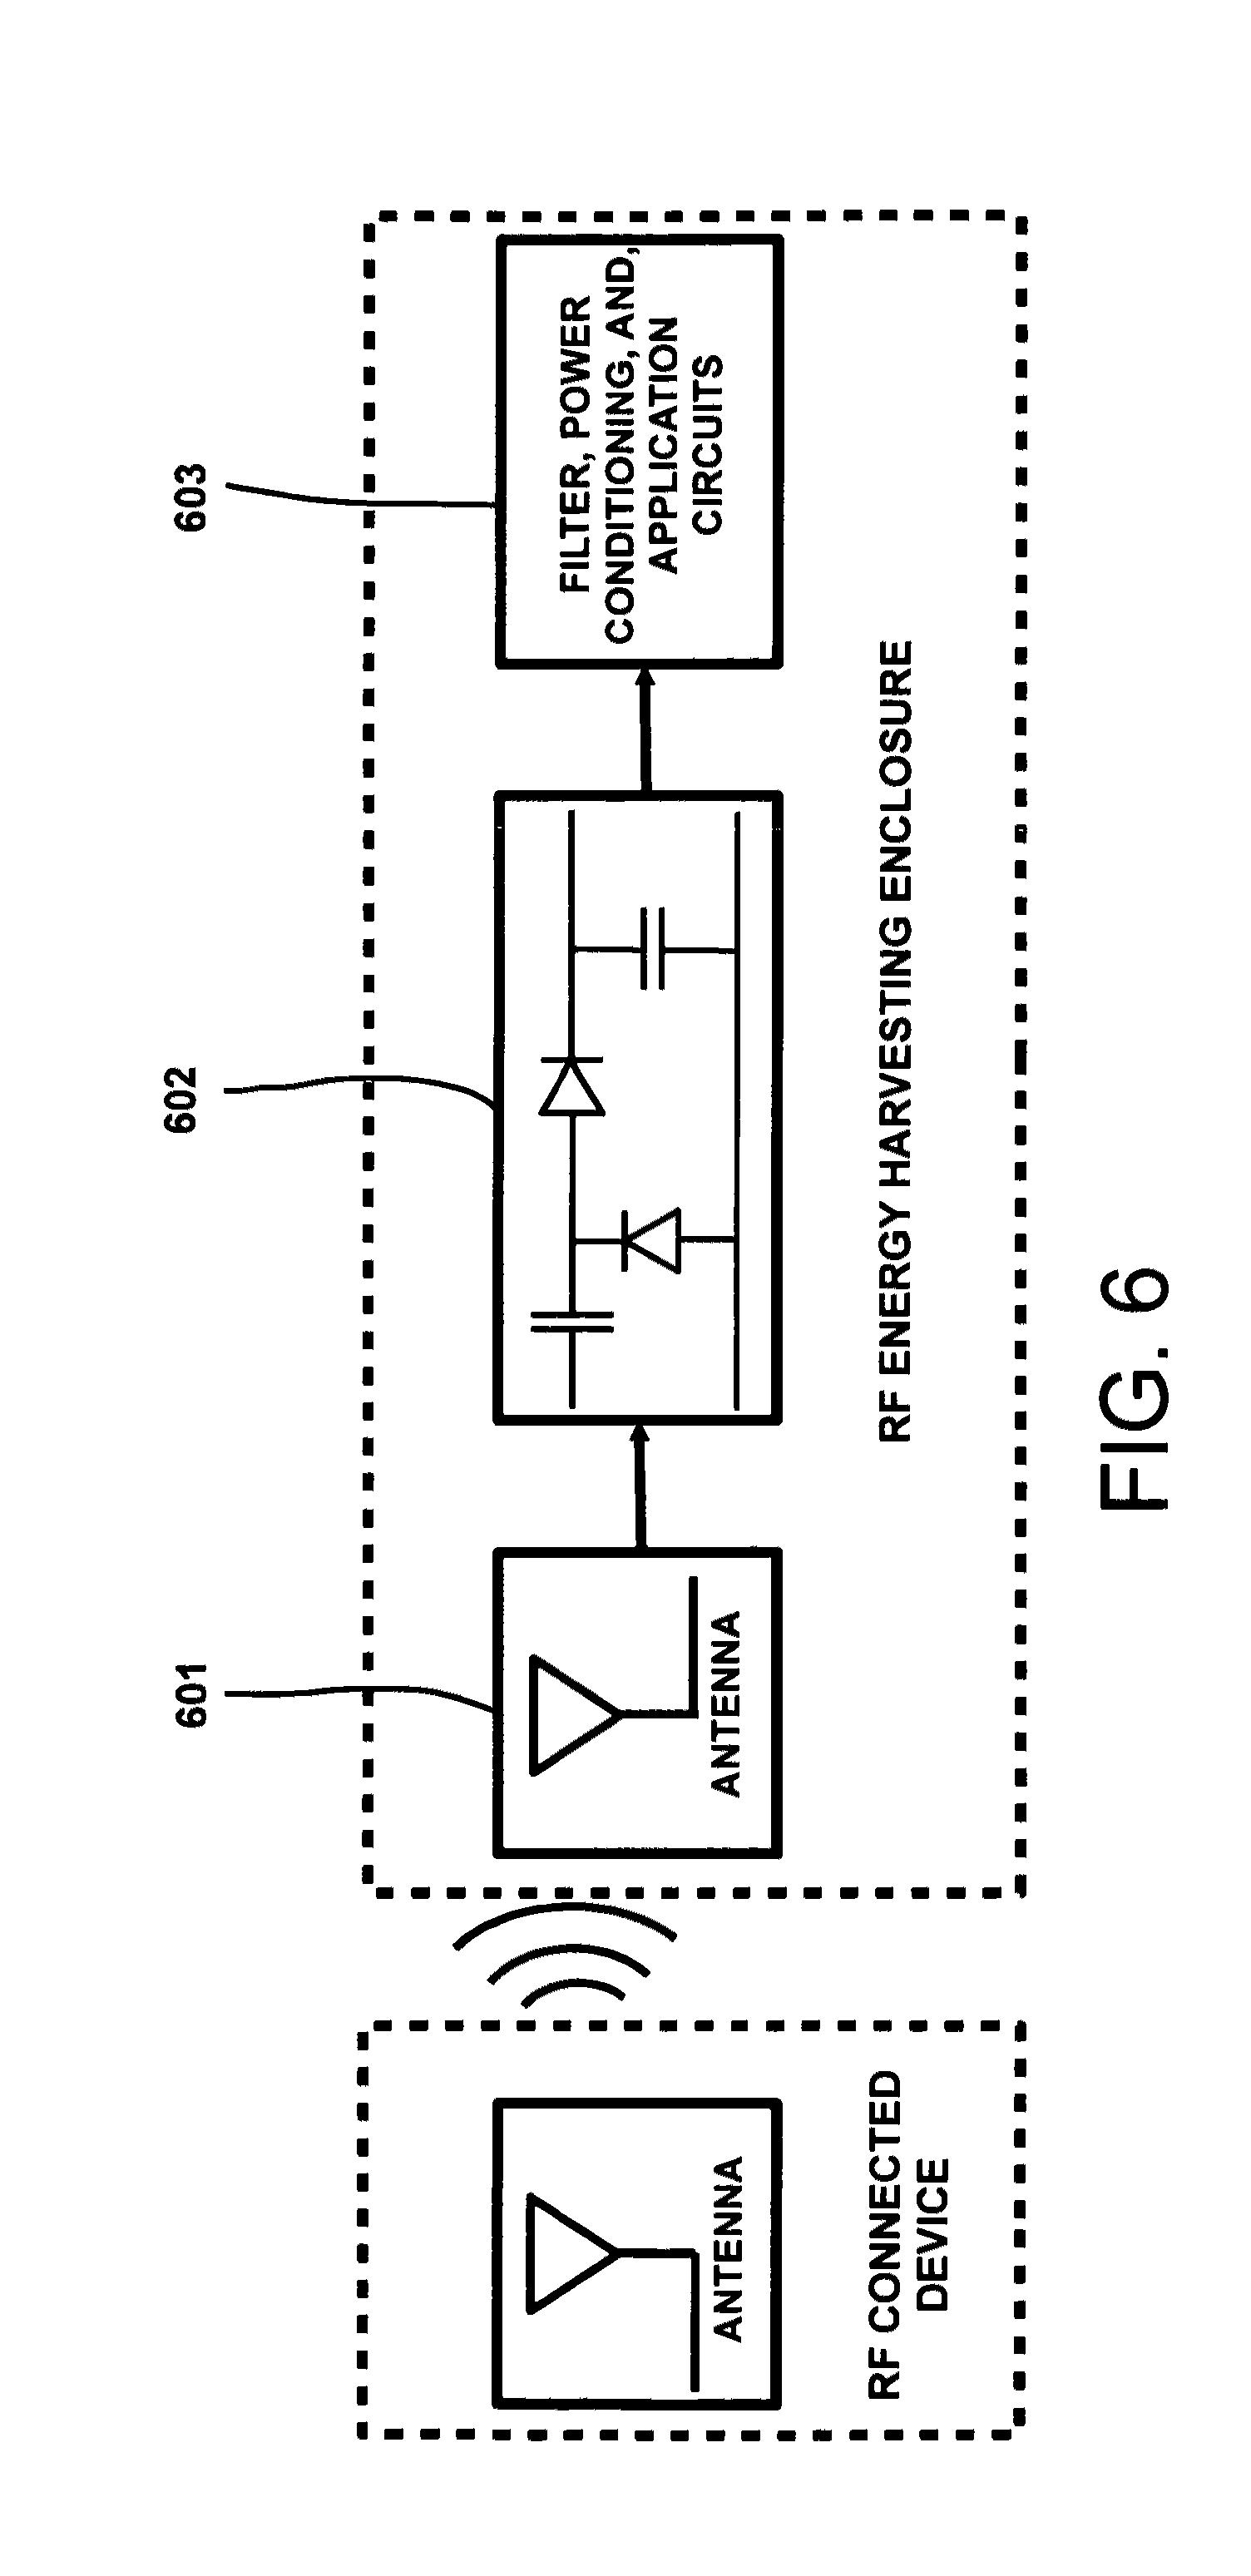 patent us20120106103